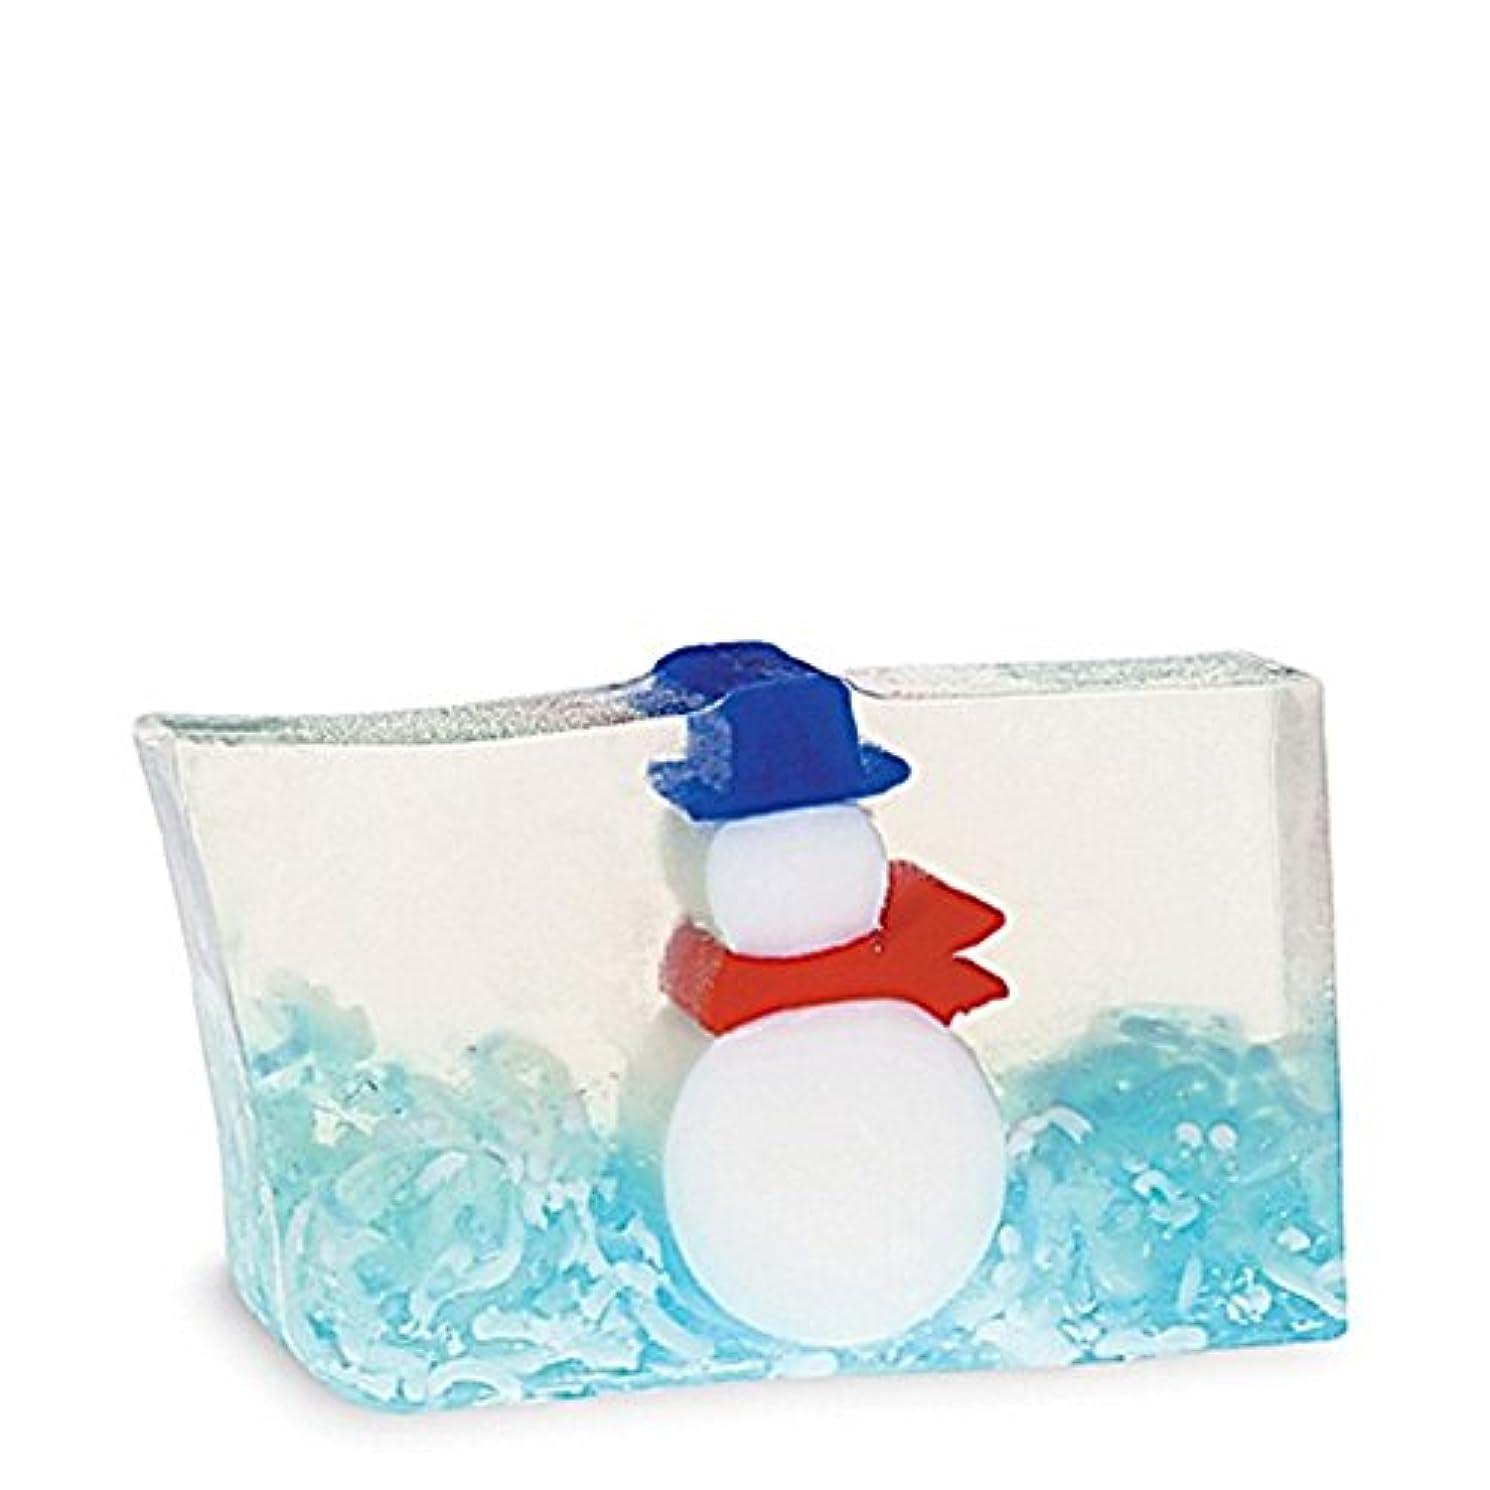 信頼性のある存在する寄生虫原初の要素雪だるま石鹸170グラム x2 - Primal Elements Snowman Soap 170g (Pack of 2) [並行輸入品]